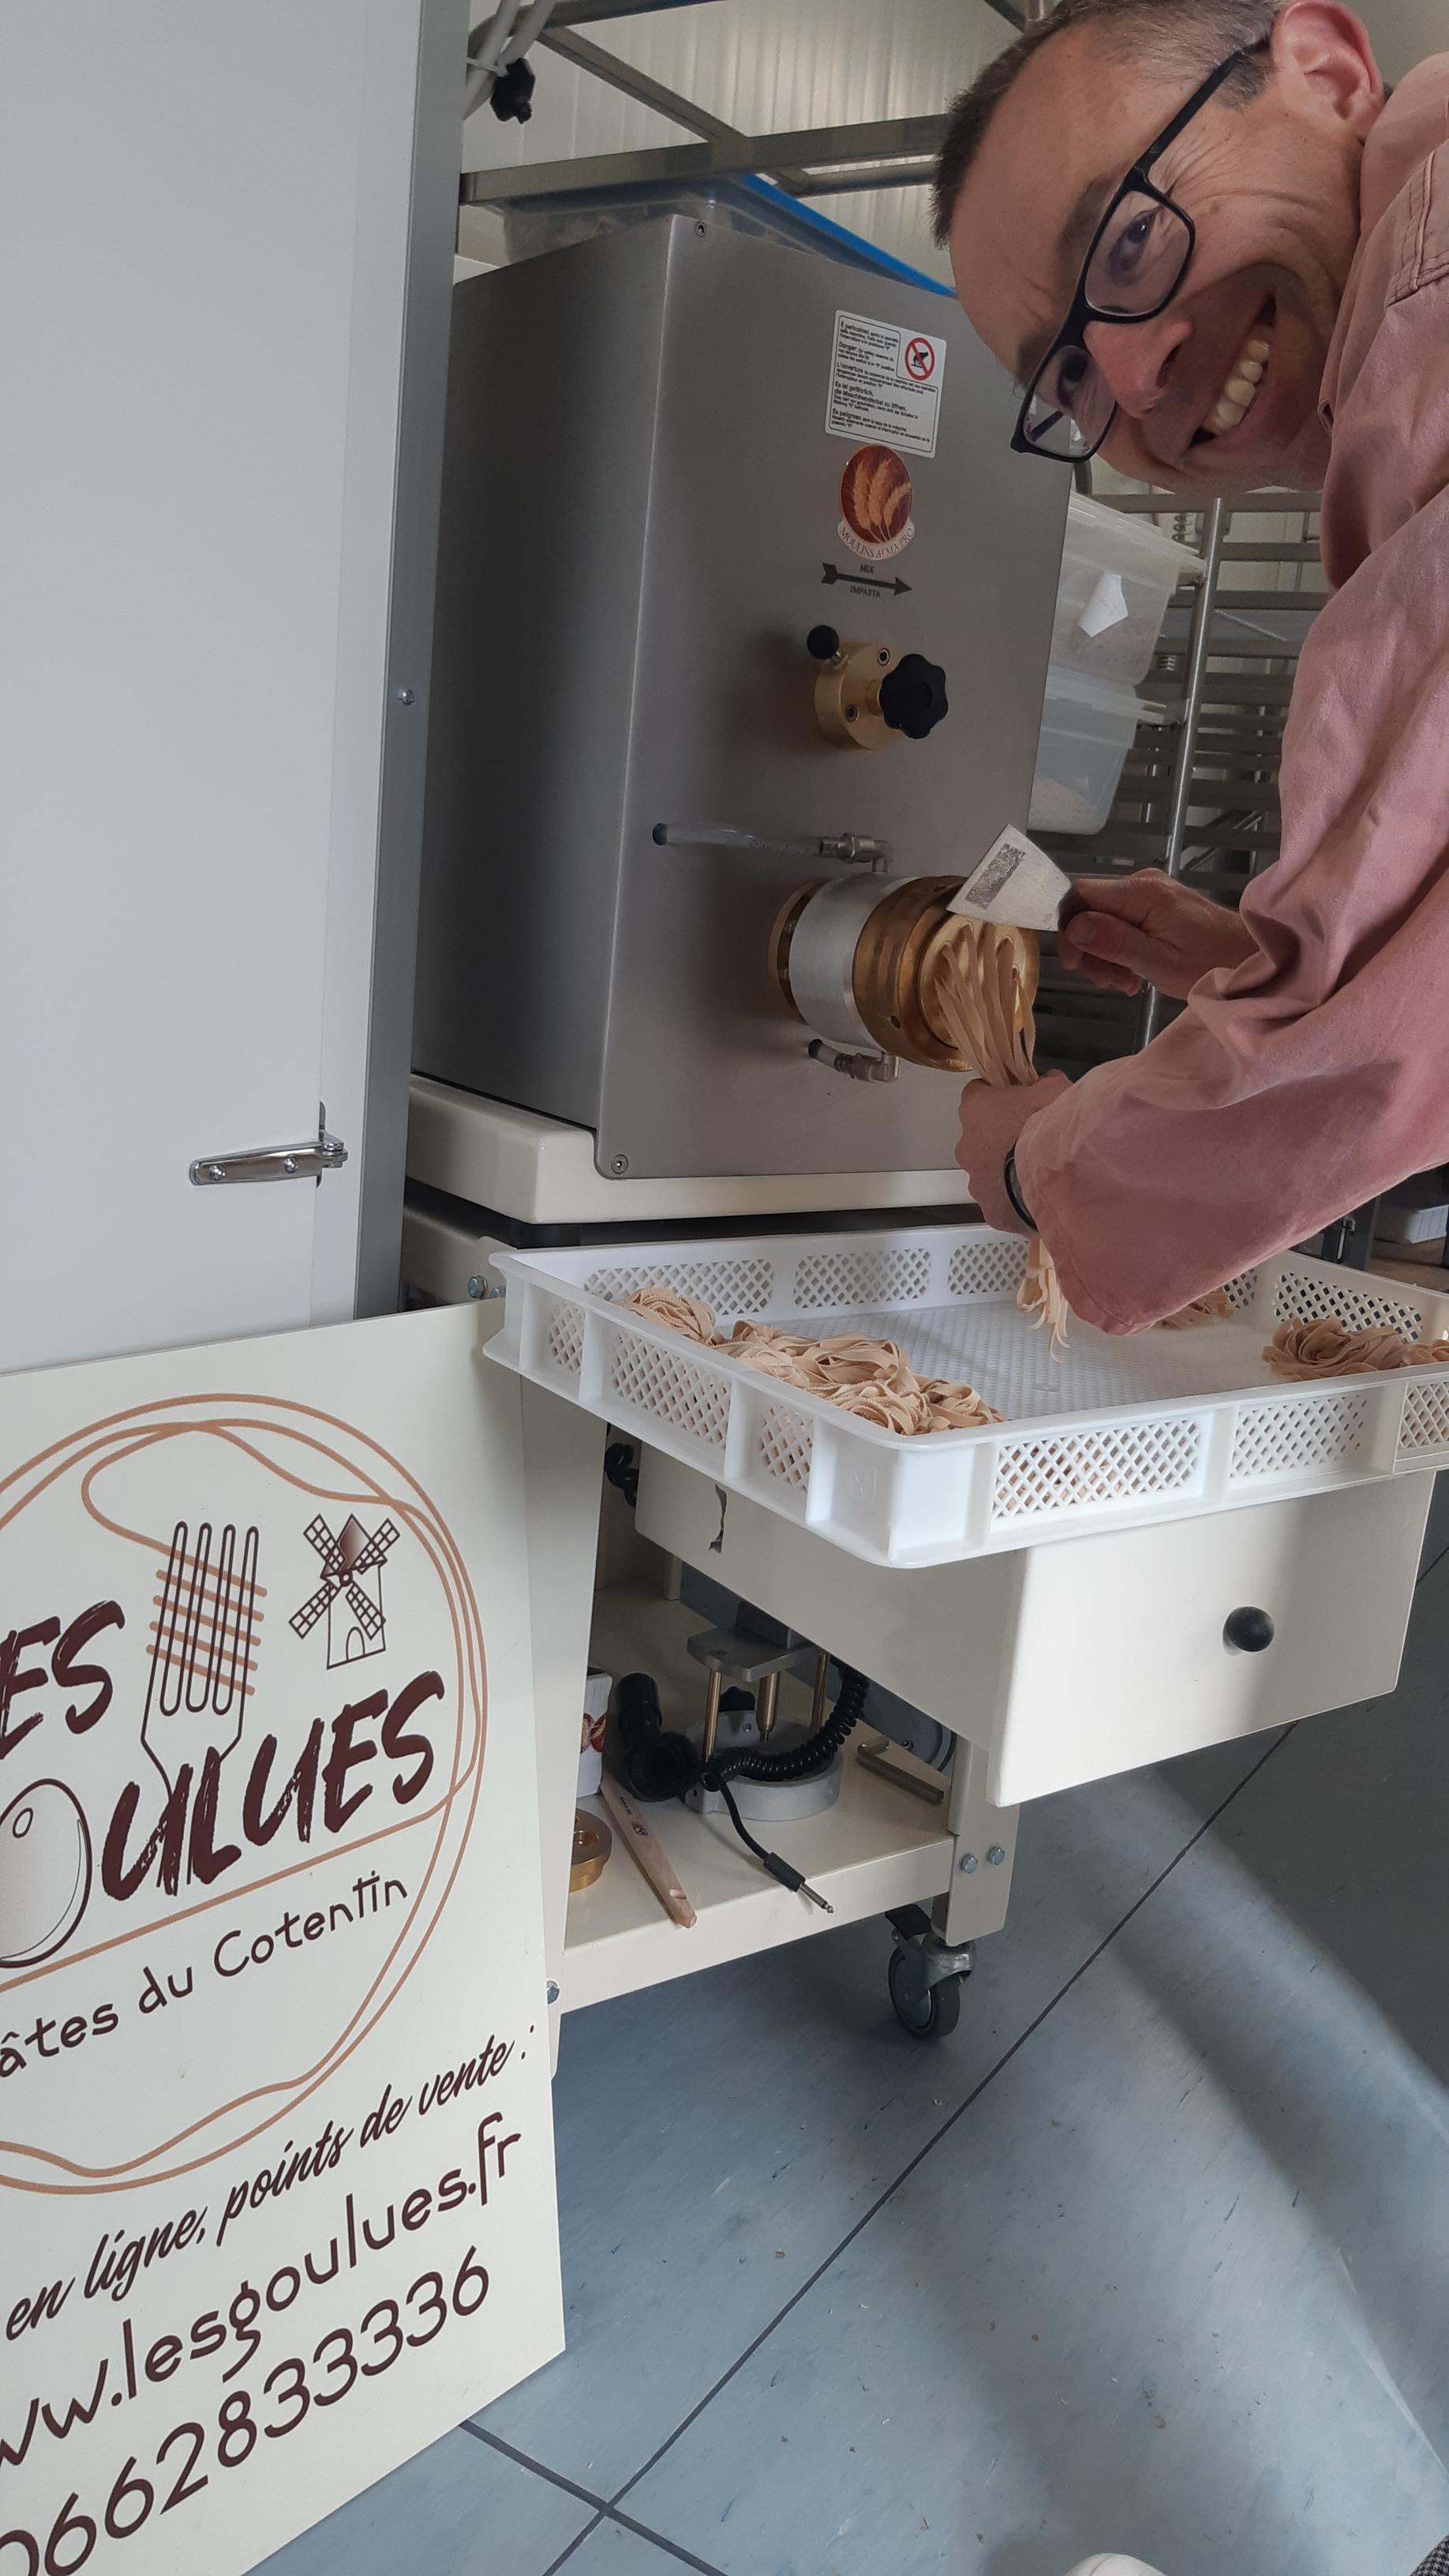 Galerie d'image - Les Goulues, Pâtes du Cotentin